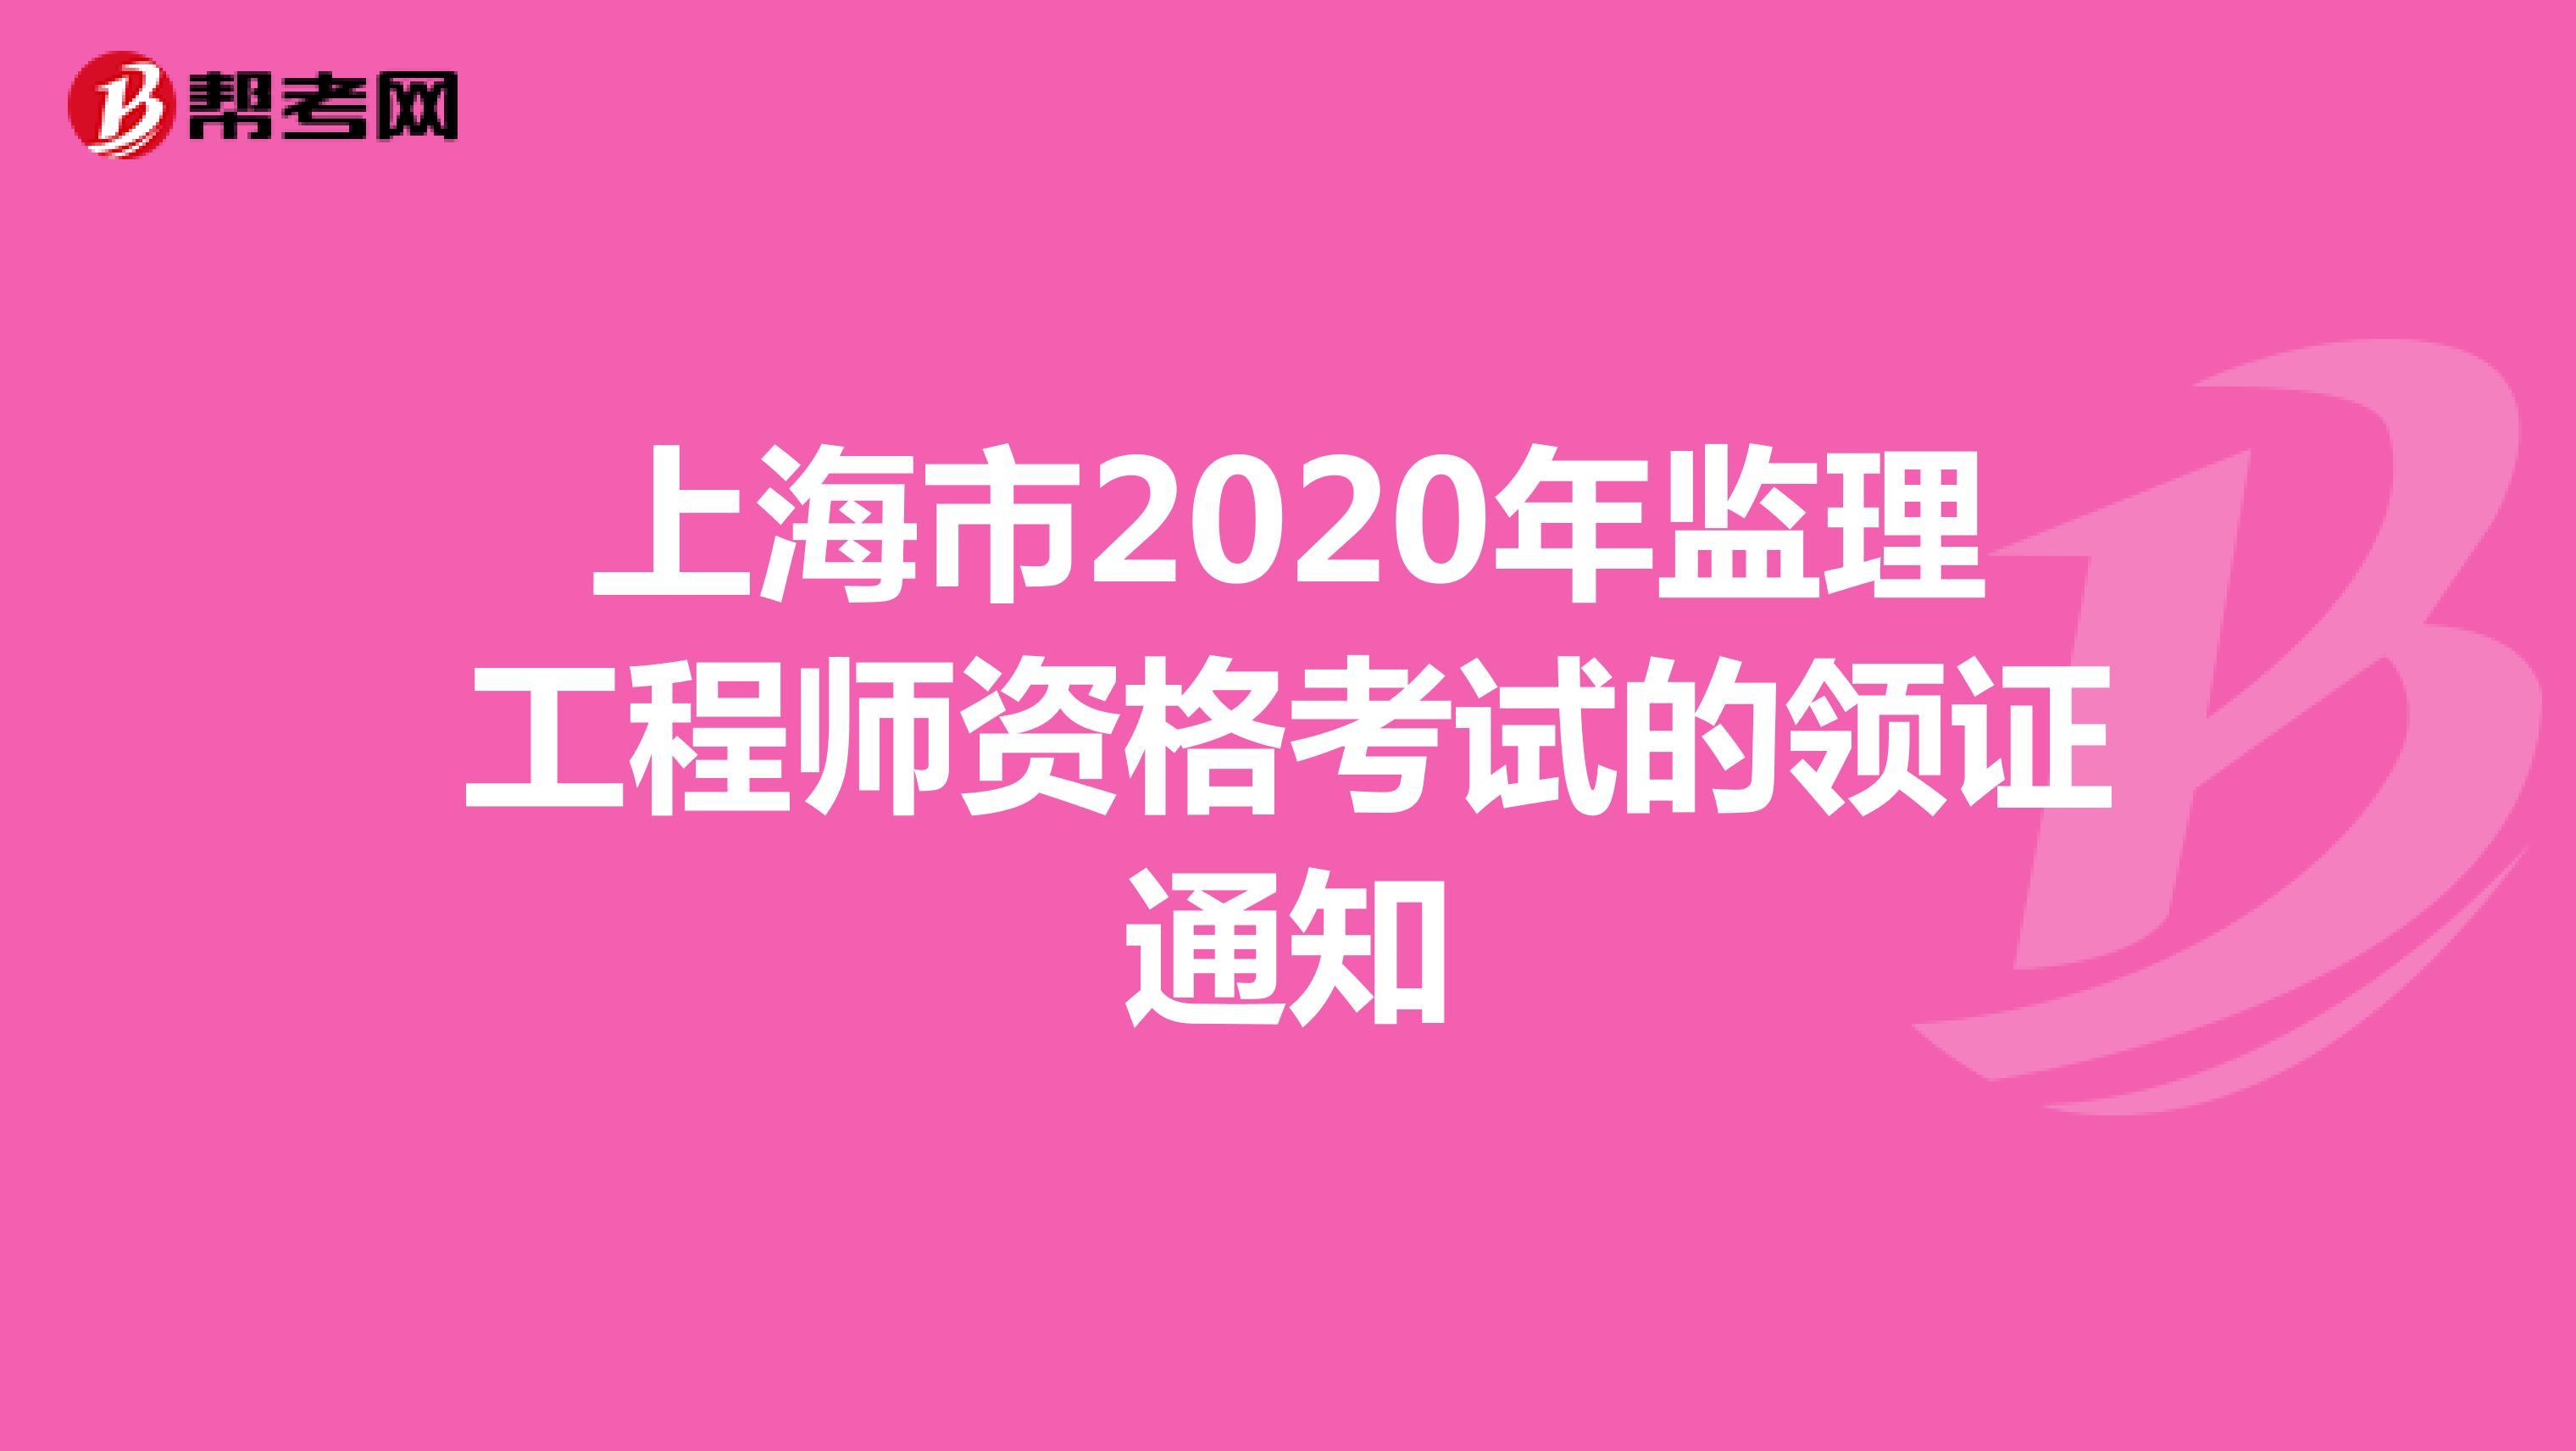 上海市2020年监理工程师资格考试的领证通知